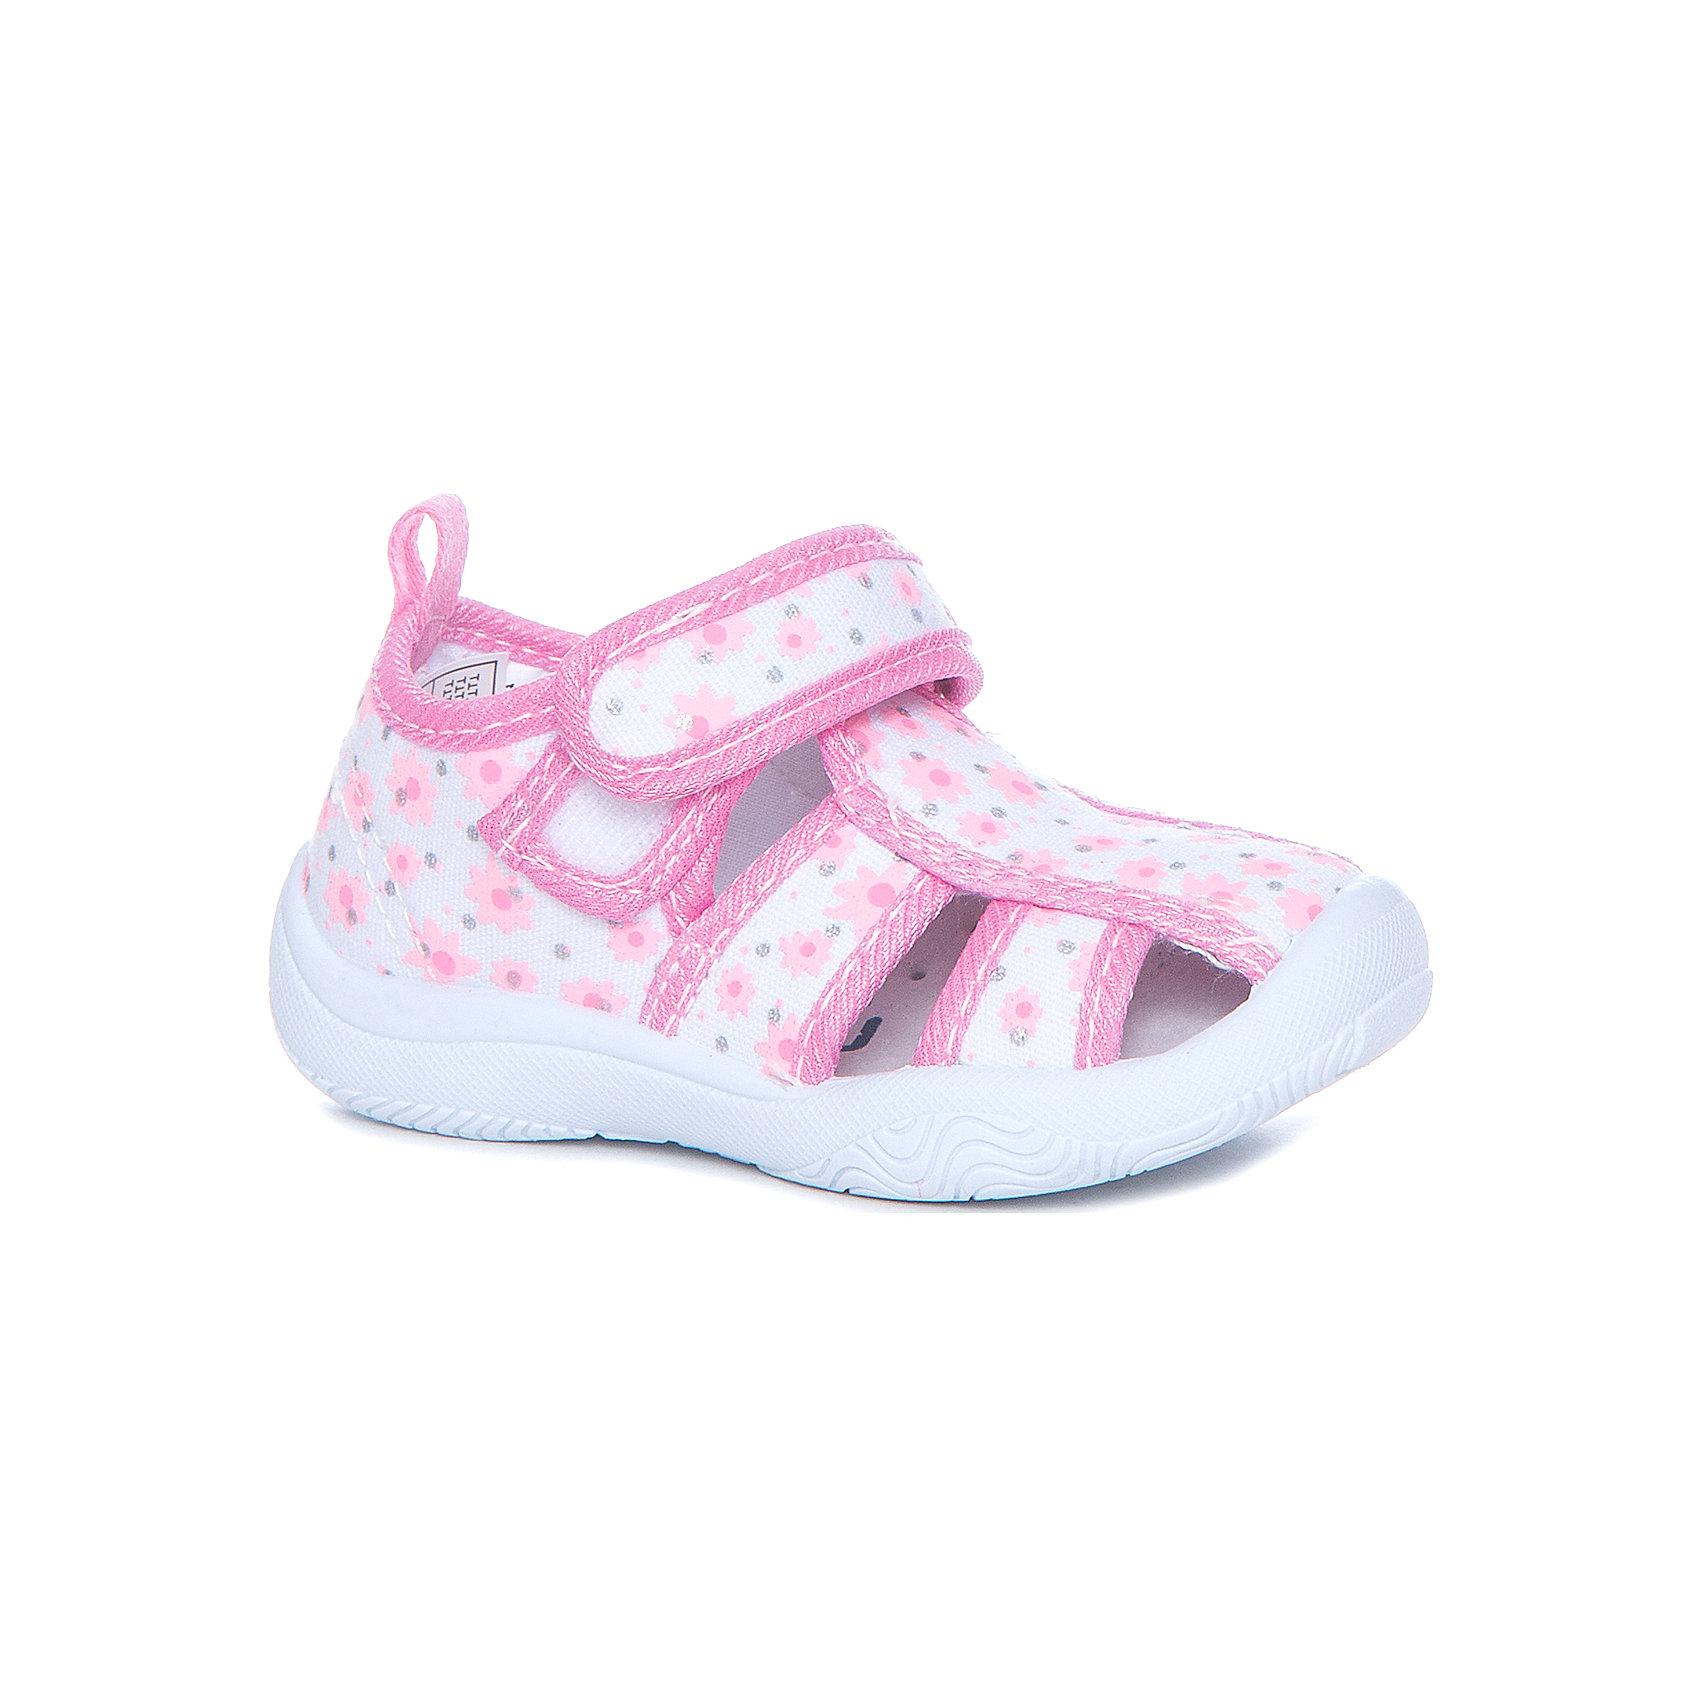 Сандалии для девочки MURSUОбувь<br>Текстильная обувь для девочки MURSU<br>Состав: <br>Материал верха: хлопок; Материал подкладки: хлопок; Материал подошвы: ПВХ; Материал стельки: натуральная кожа.<br><br>Ширина мм: 227<br>Глубина мм: 145<br>Высота мм: 124<br>Вес г: 325<br>Цвет: розовый<br>Возраст от месяцев: 21<br>Возраст до месяцев: 24<br>Пол: Женский<br>Возраст: Детский<br>Размер: 24,25,20,21,22,23<br>SKU: 5325709